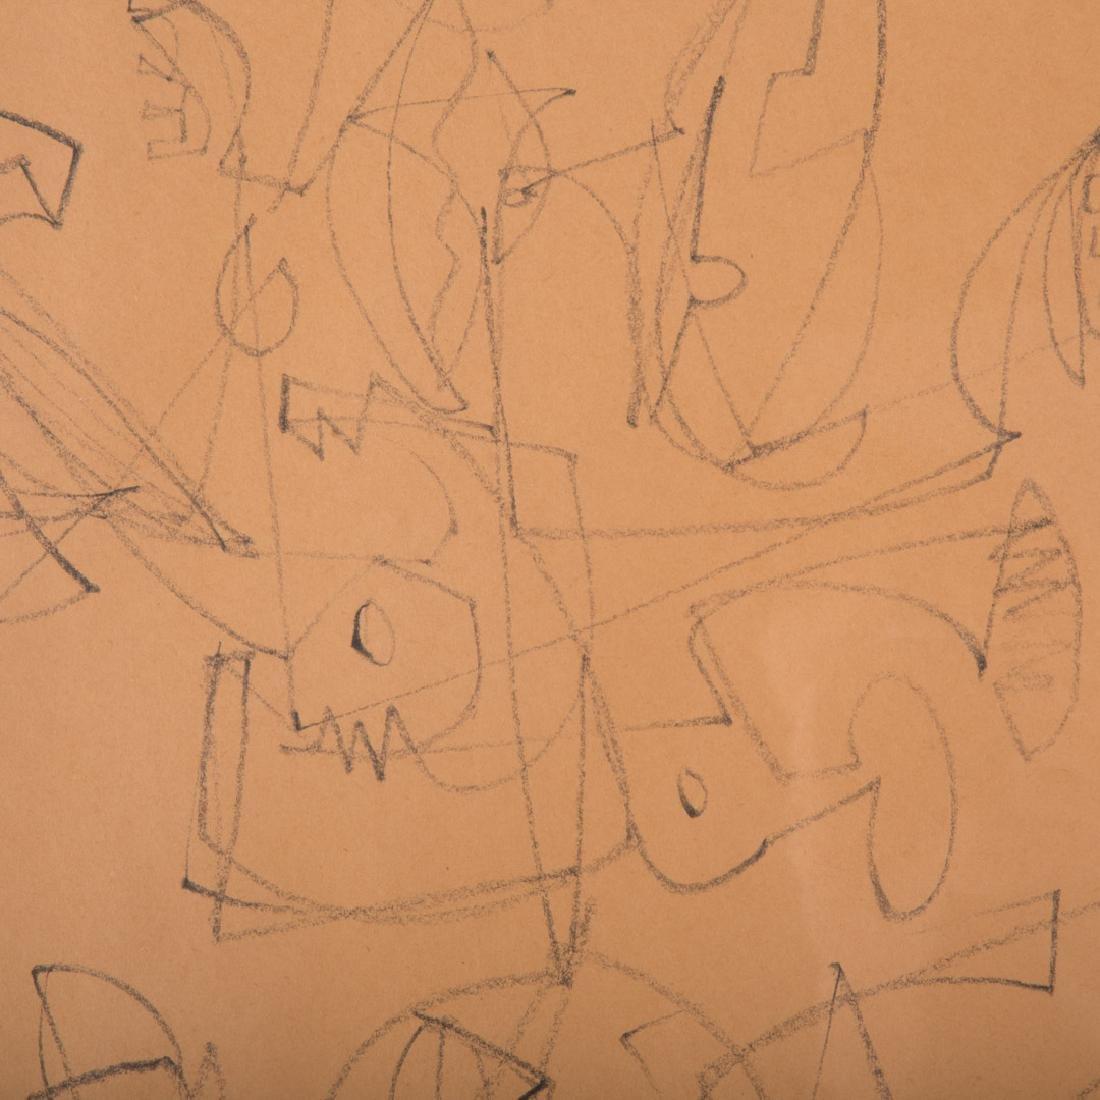 Keith Martin. Chimera V, drawing - 2